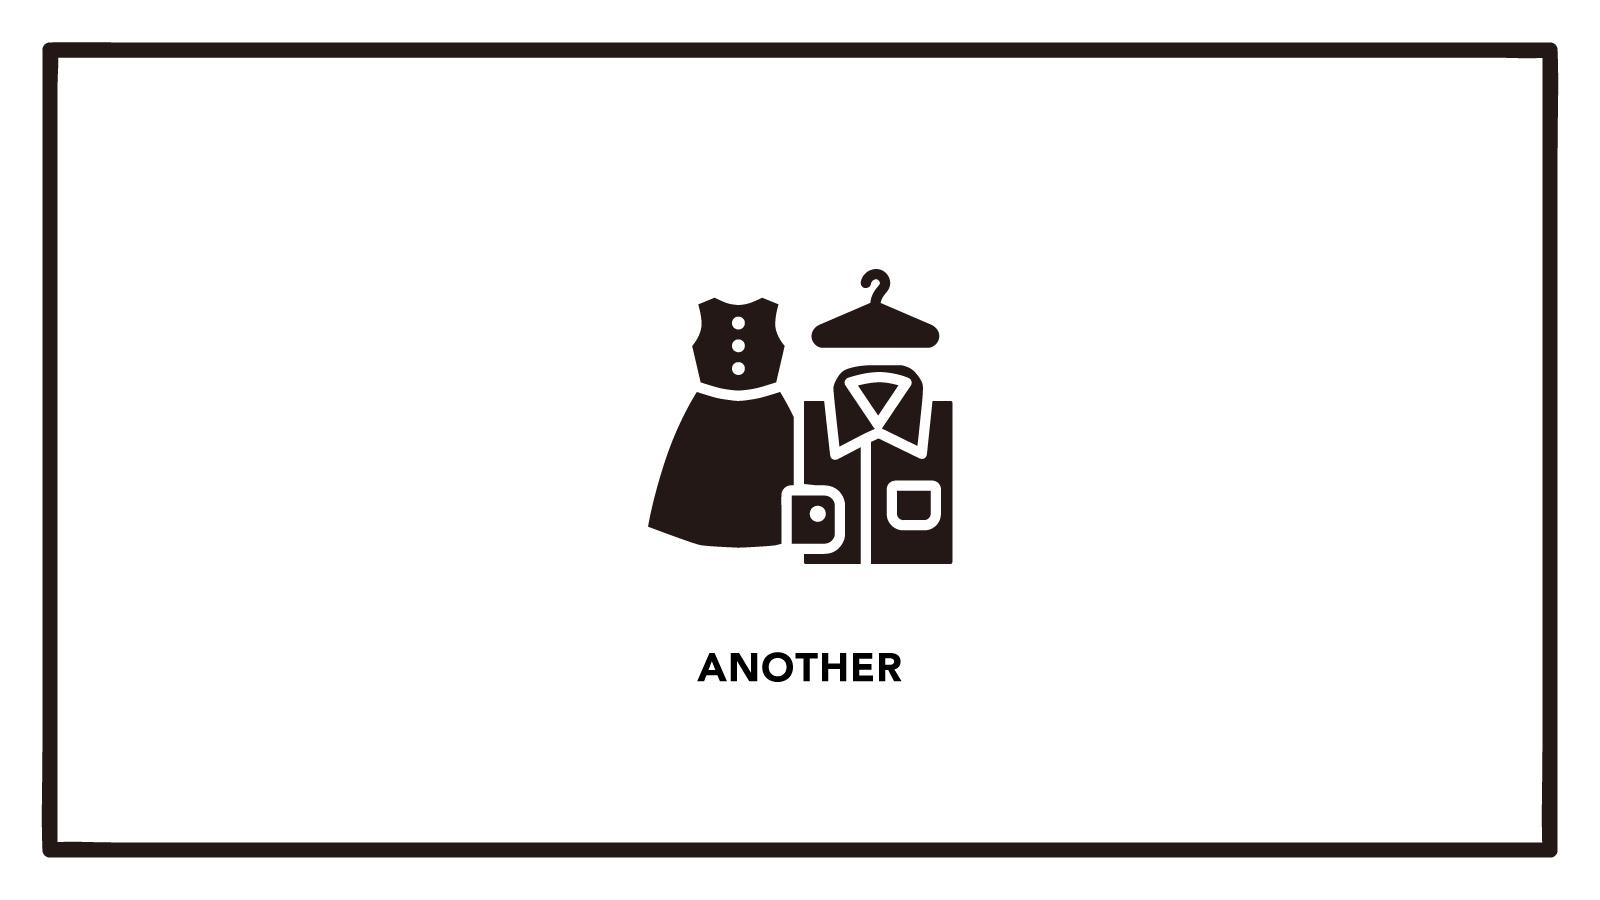 コスメ製品の品質保証をお任せします|大手コスメブランドのカバー写真